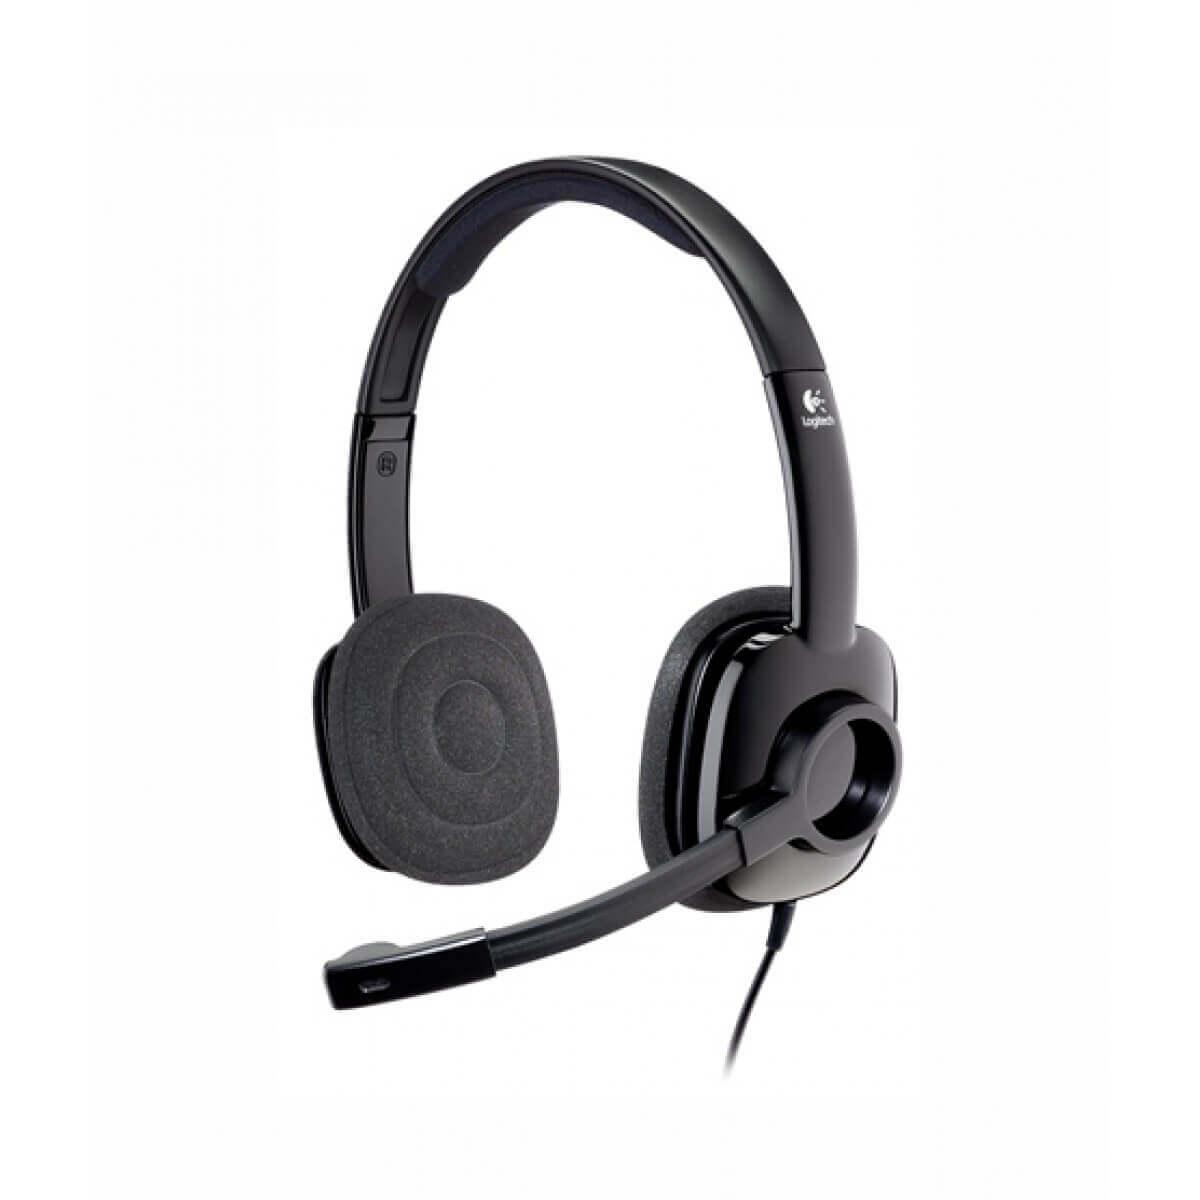 Logitech Cheap Headphone